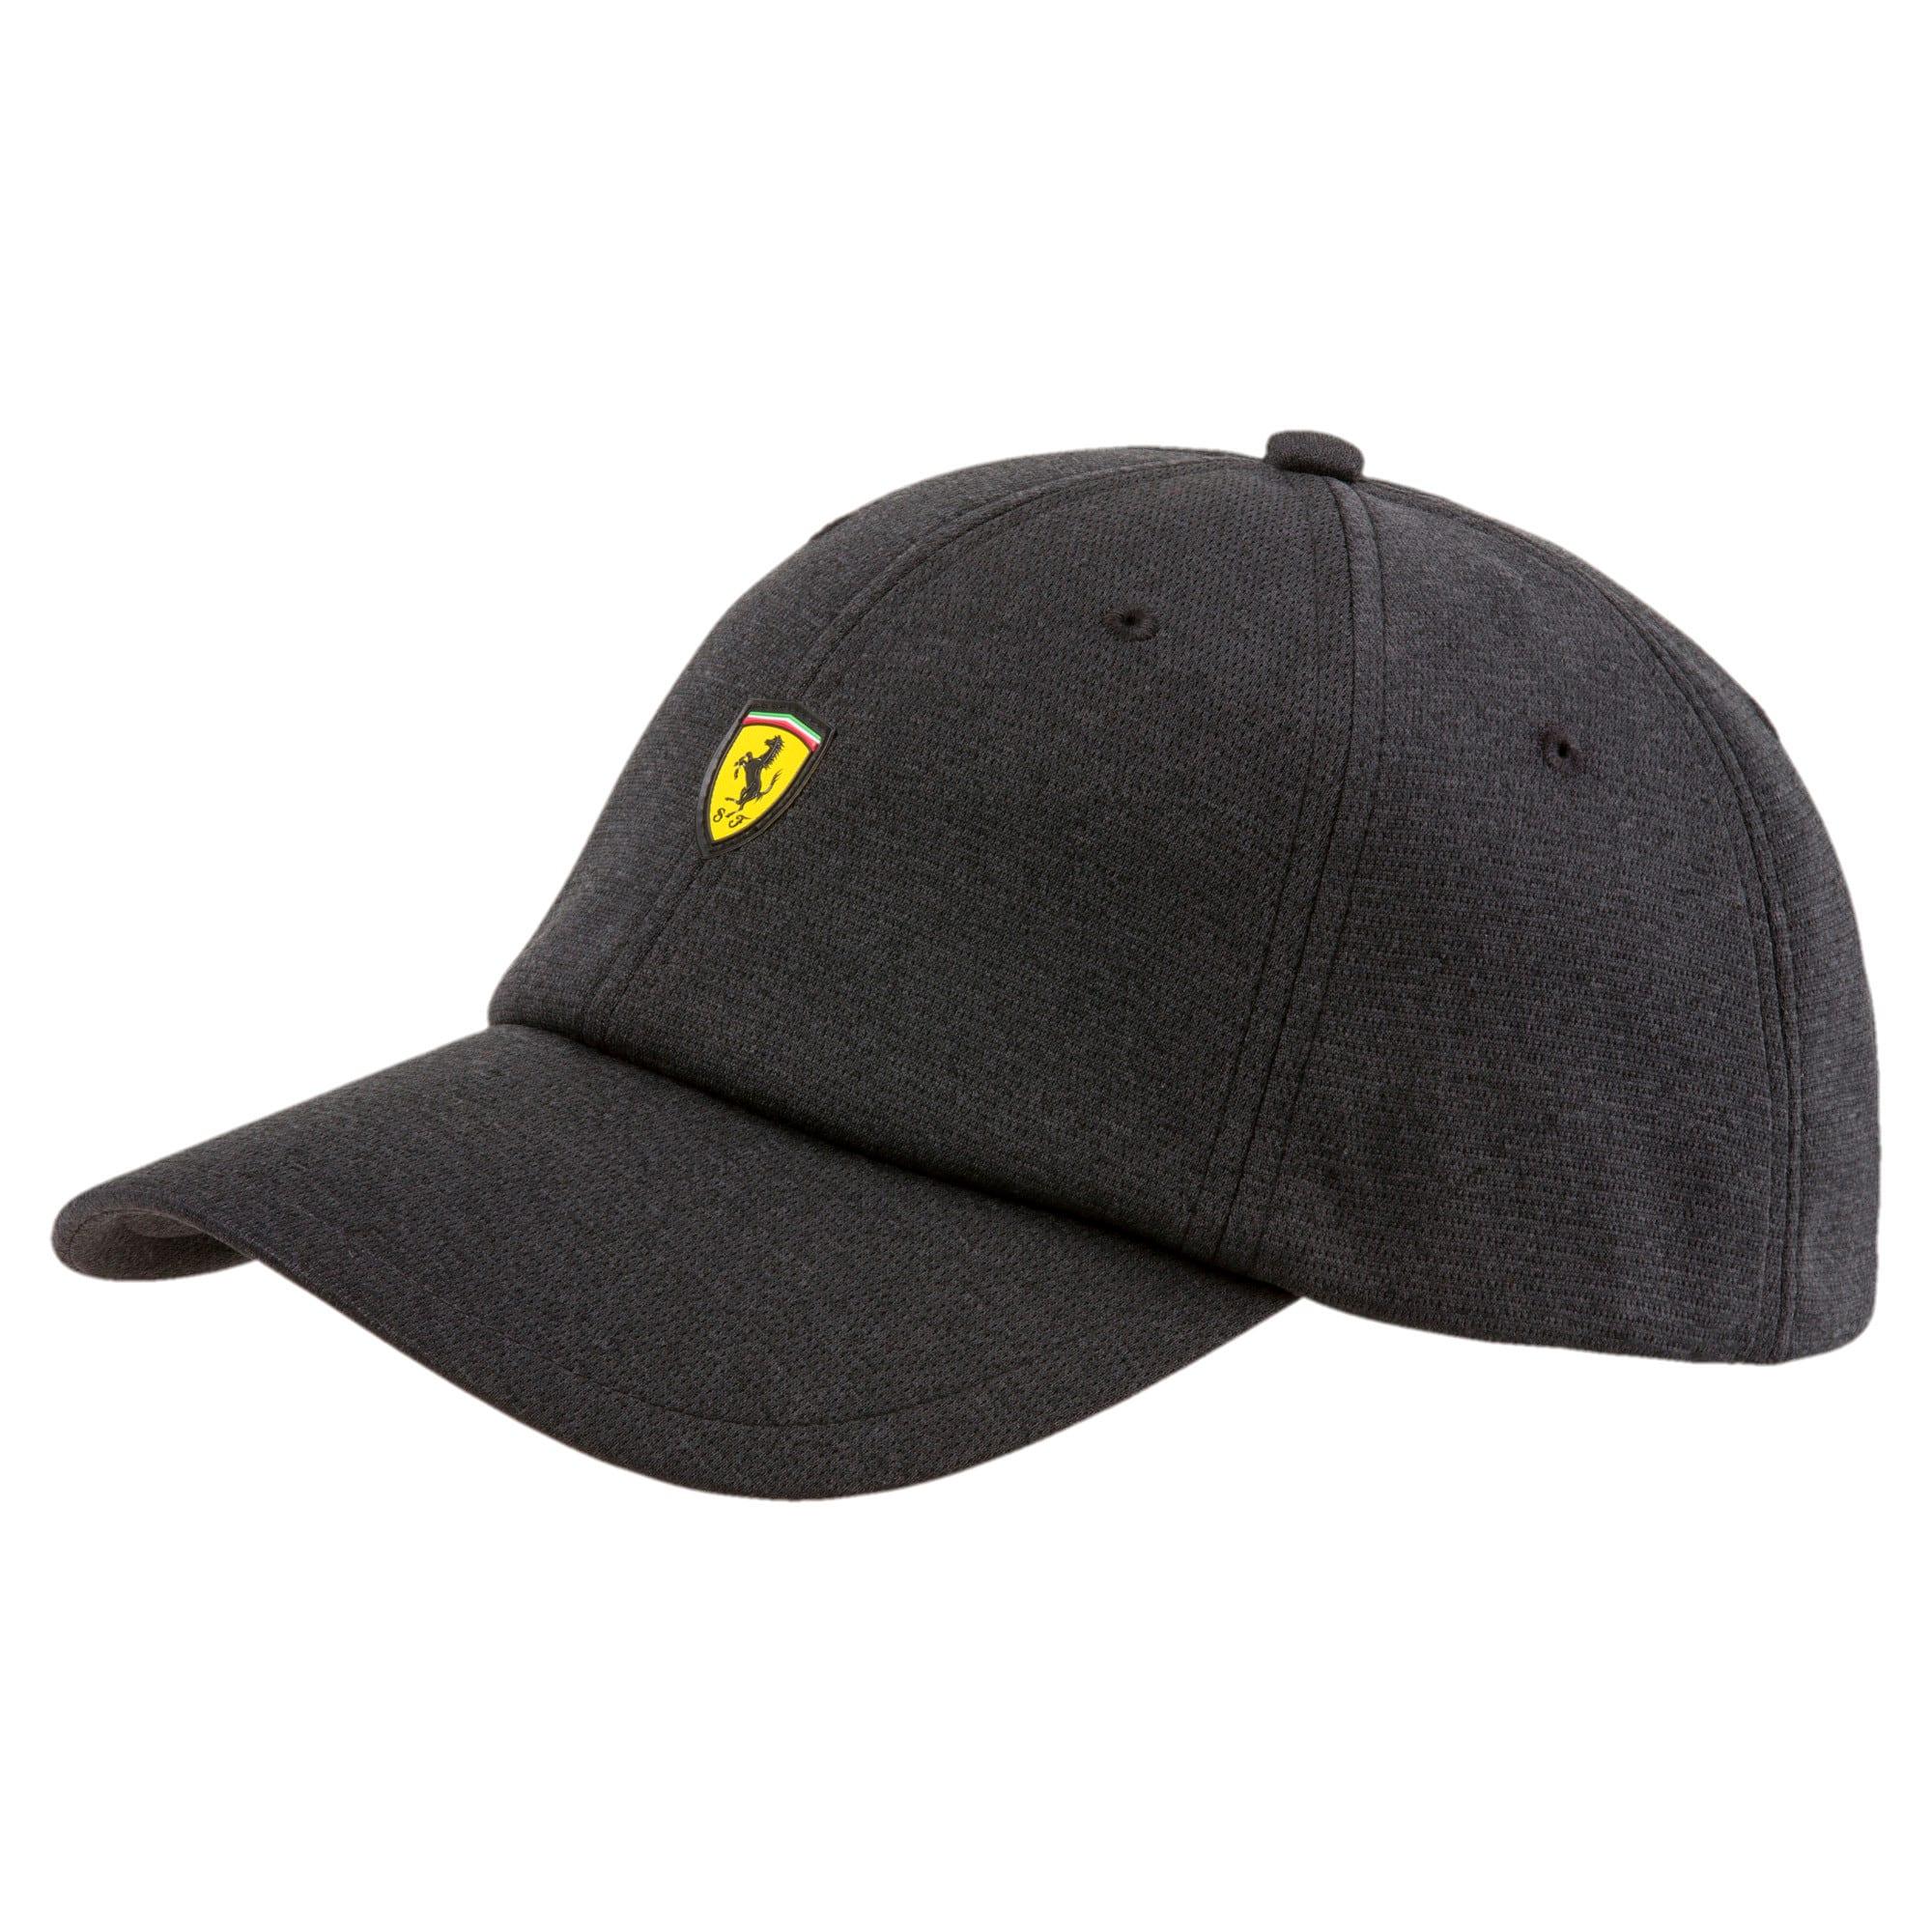 Thumbnail 1 of Ferrari Fanwear Baseball Hat, Puma Black, medium